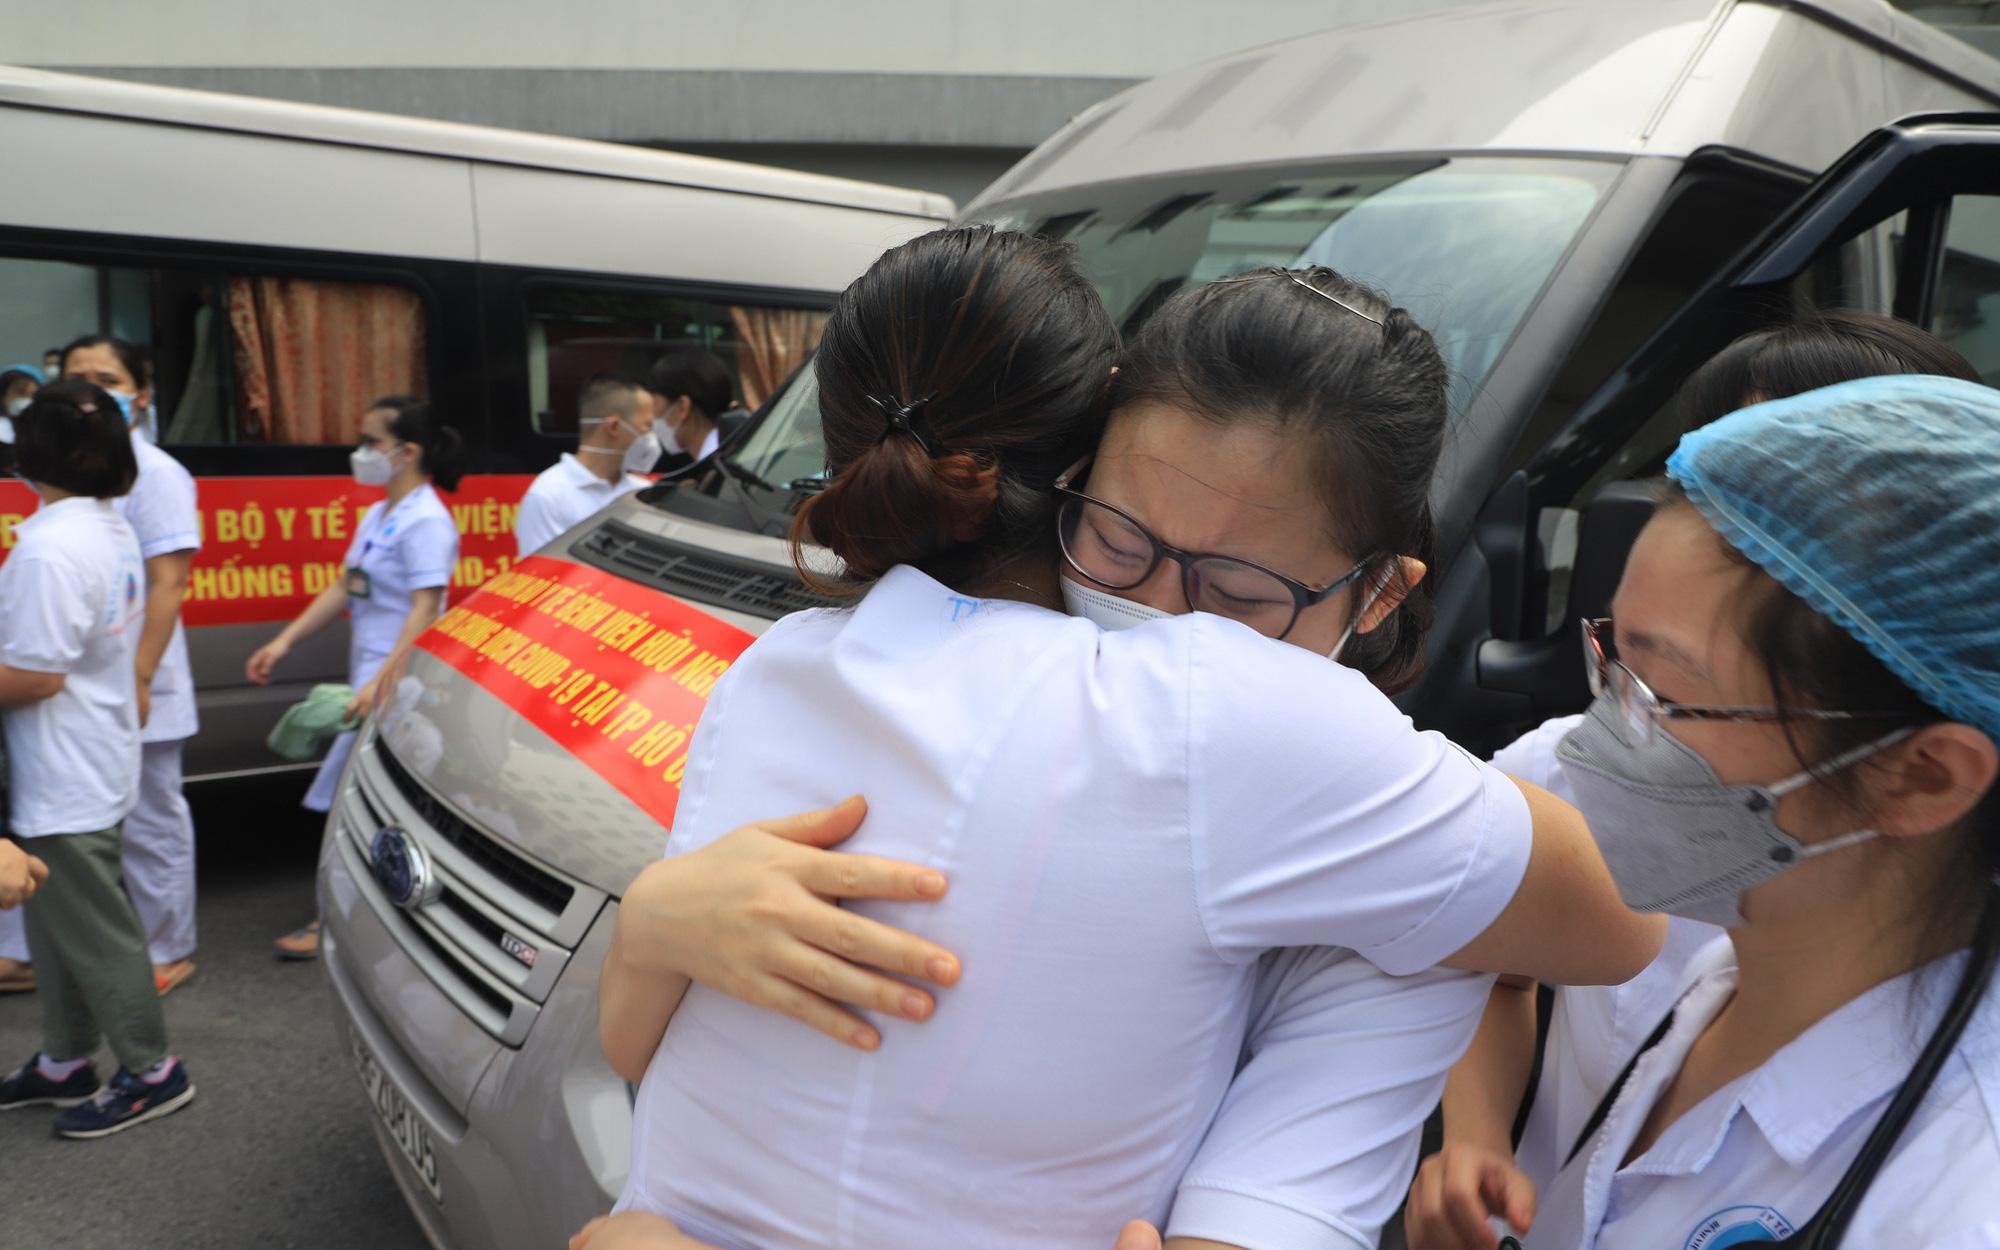 Chiến sĩ áo trắng từ Hà Nội tiếp tục chi viện miền Nam chống dịch